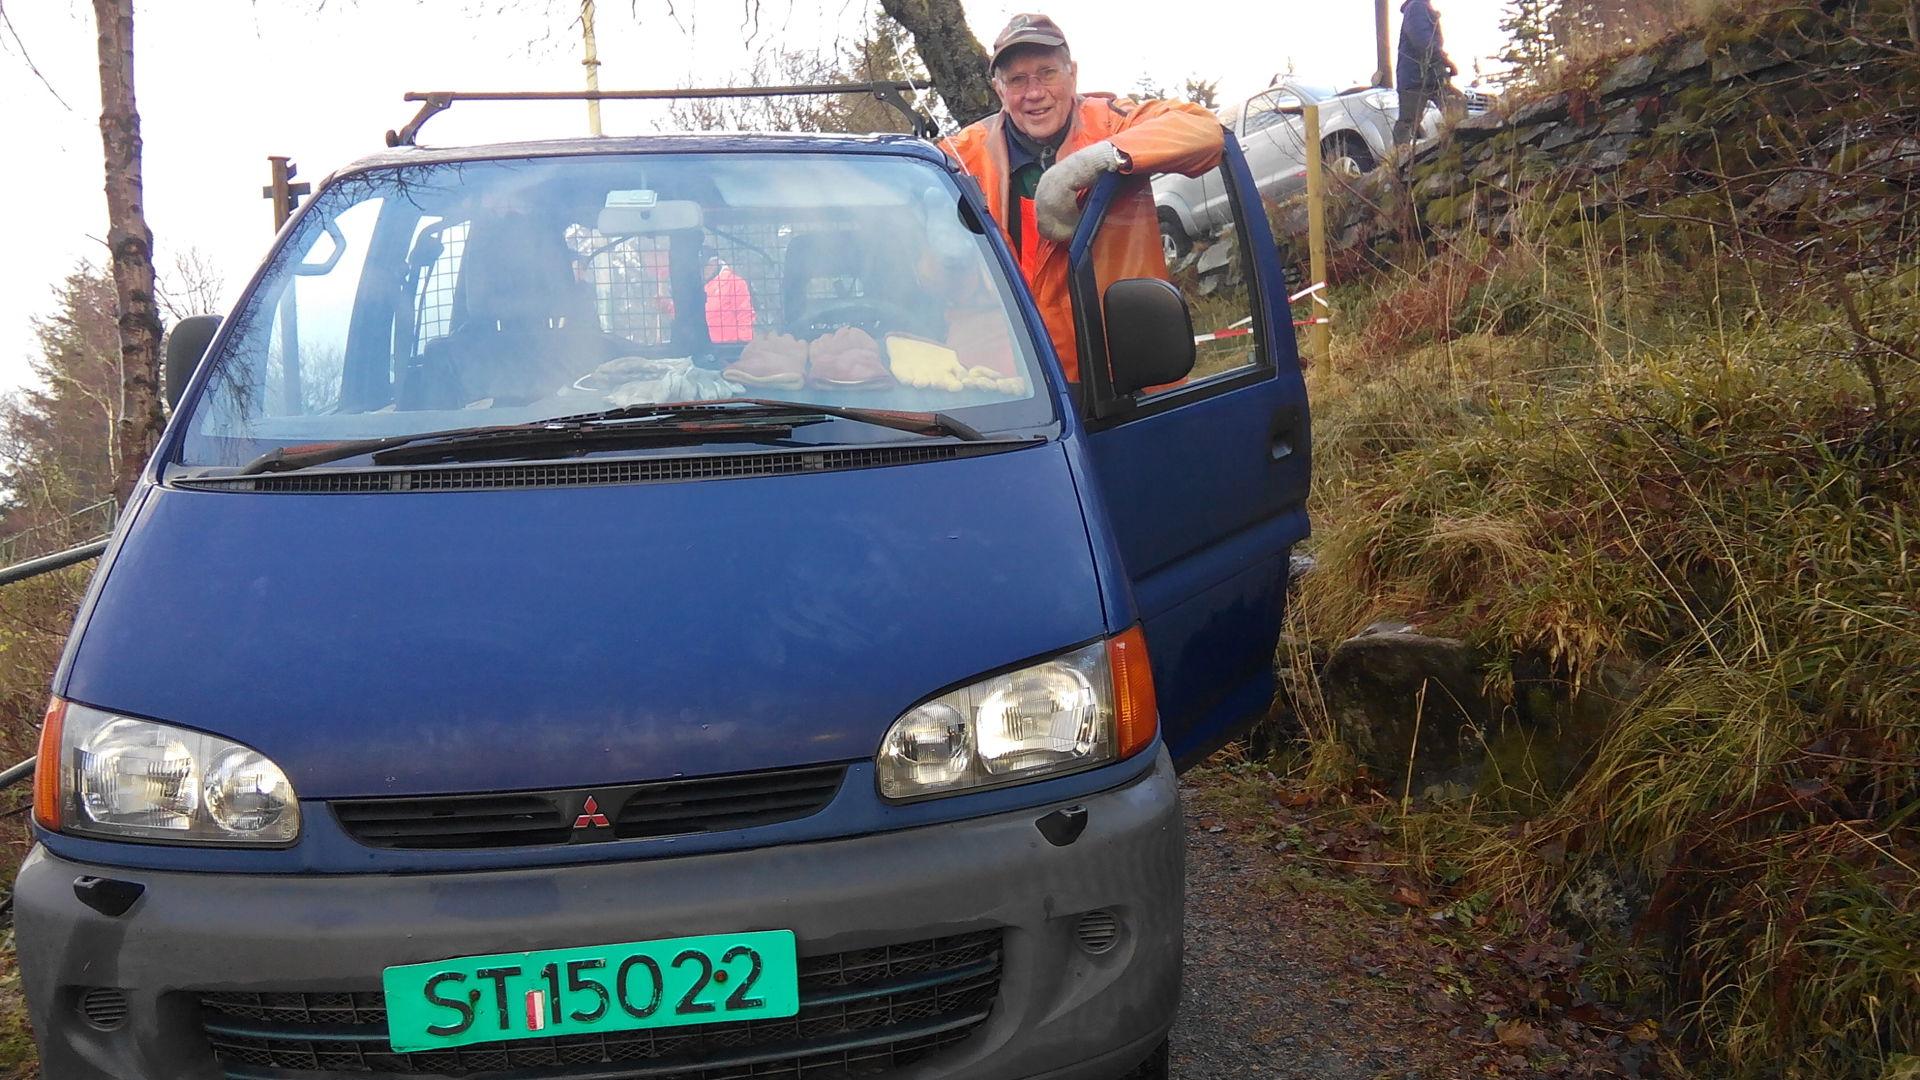 056  Hanka og Hankabilen poserer i Fløysvingene..j